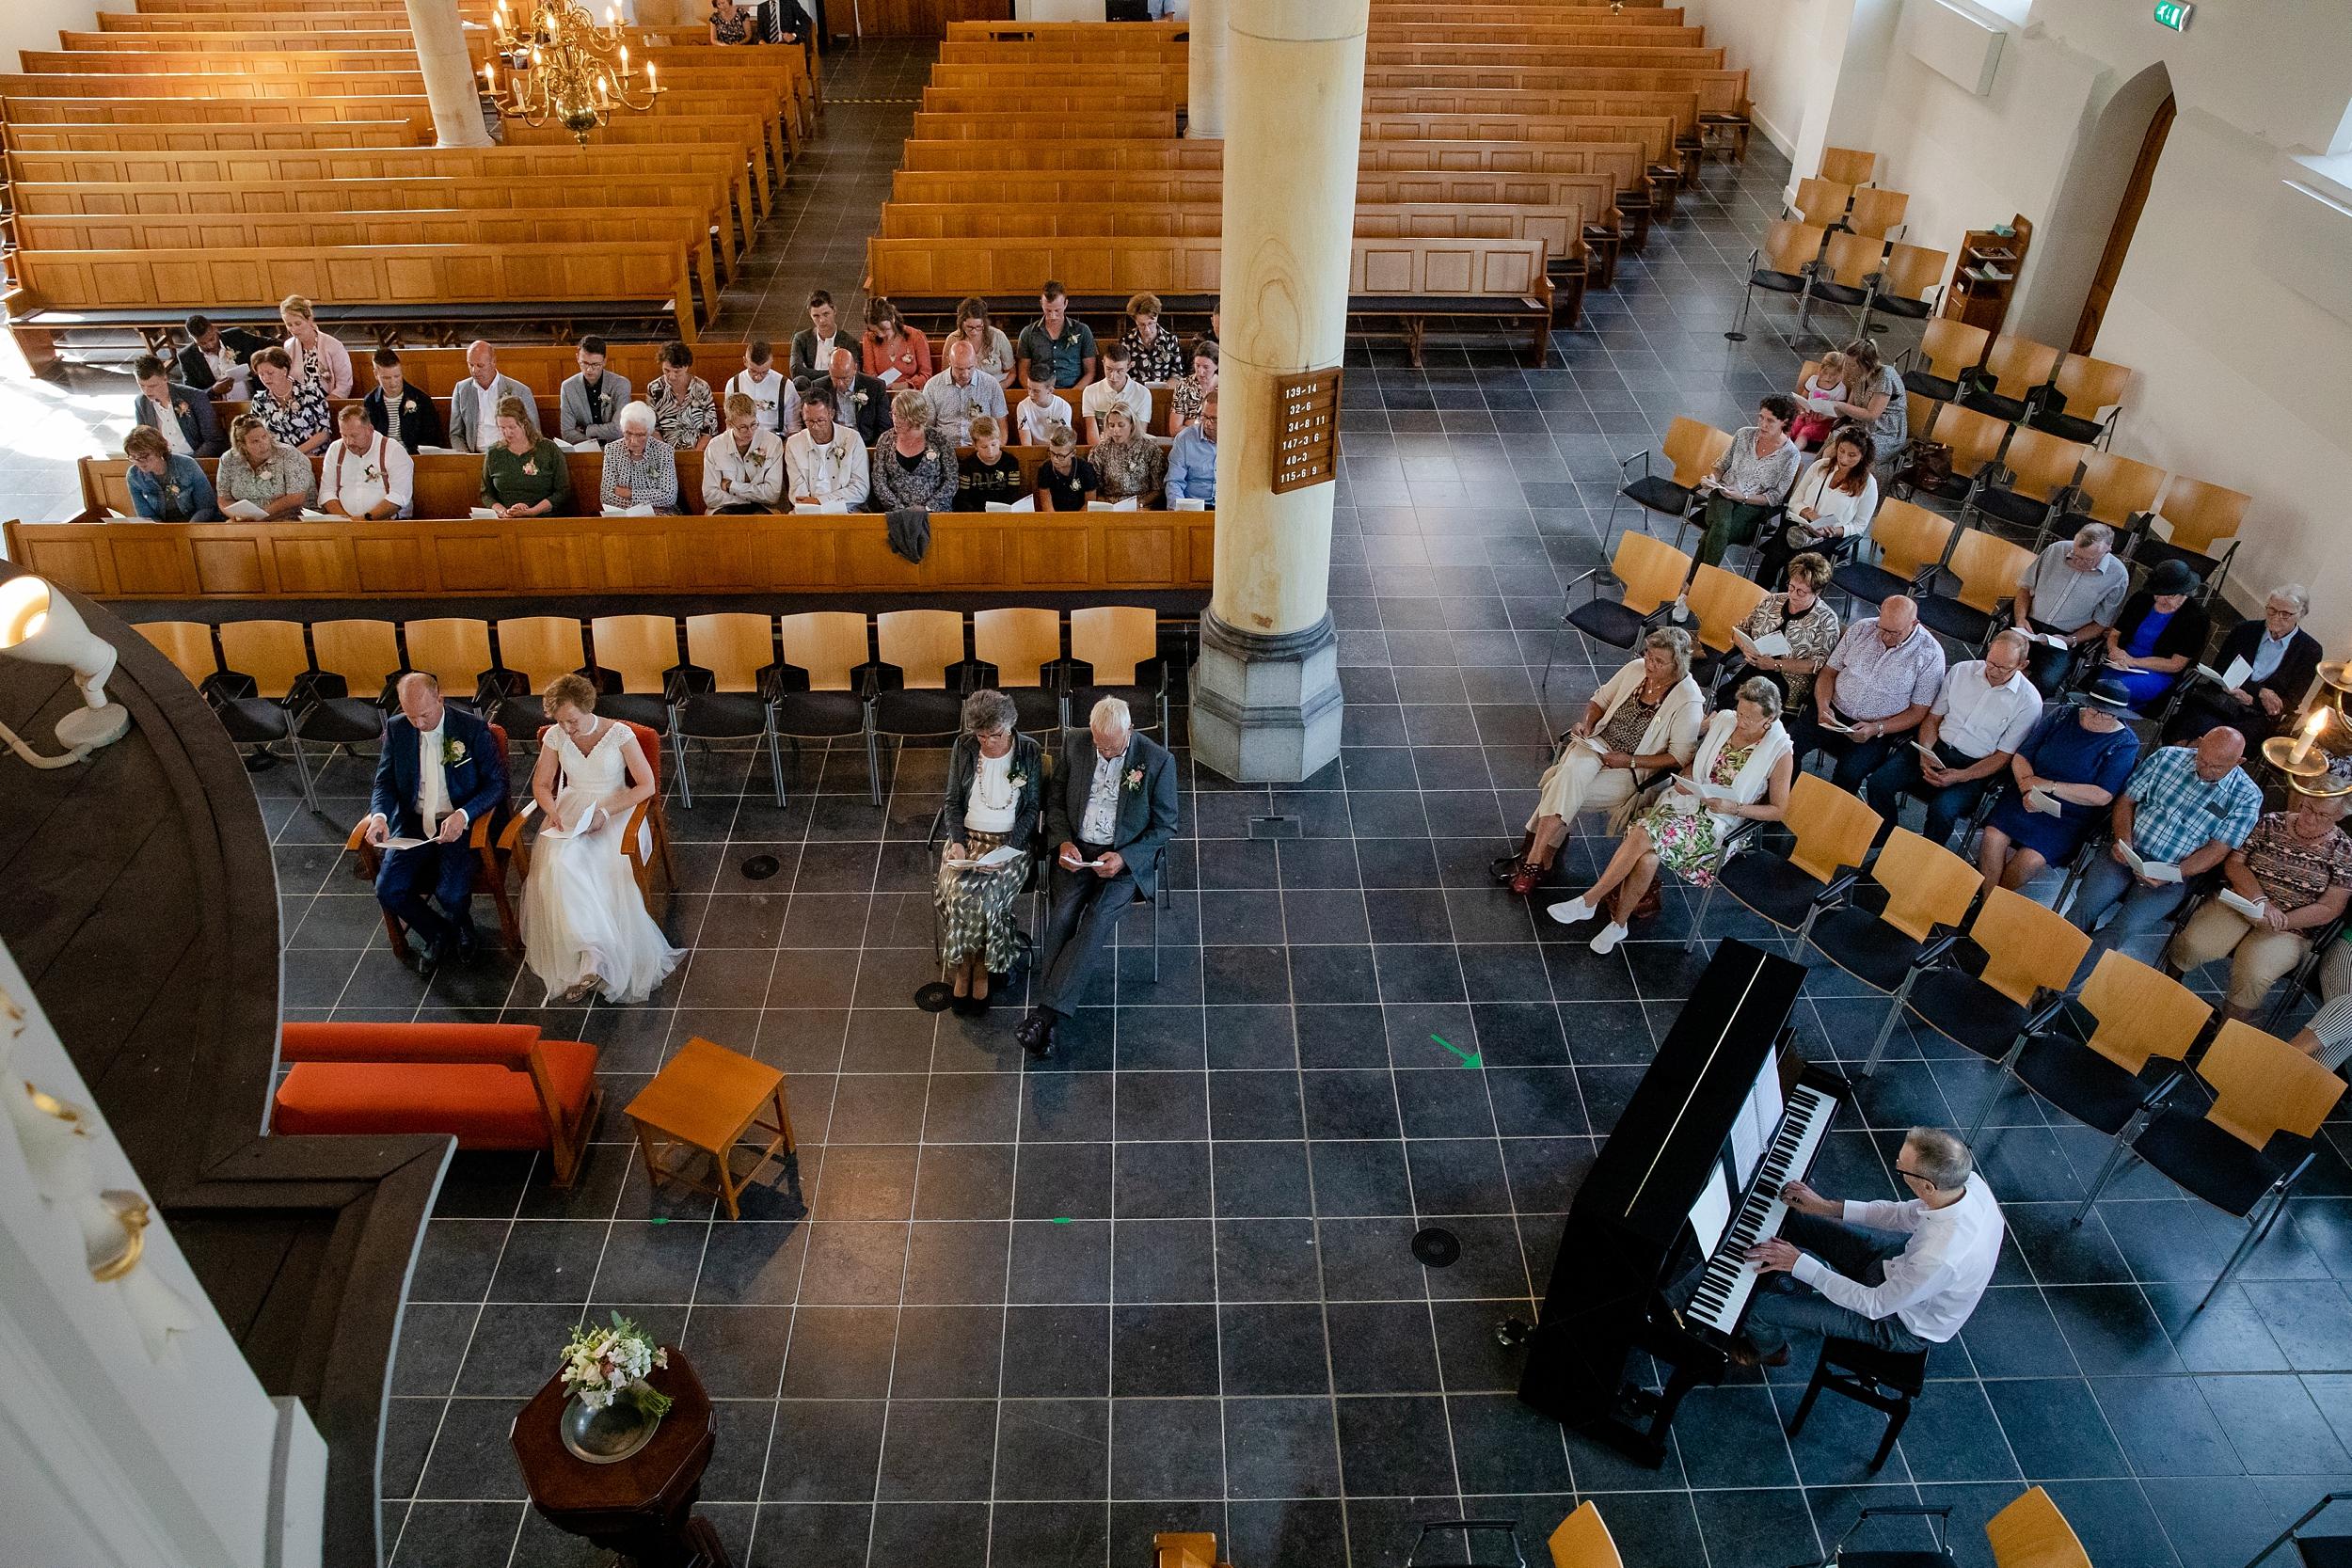 In de Oude Dorpskerk is er een moment van bezinning, rust, zingen, luisteren.